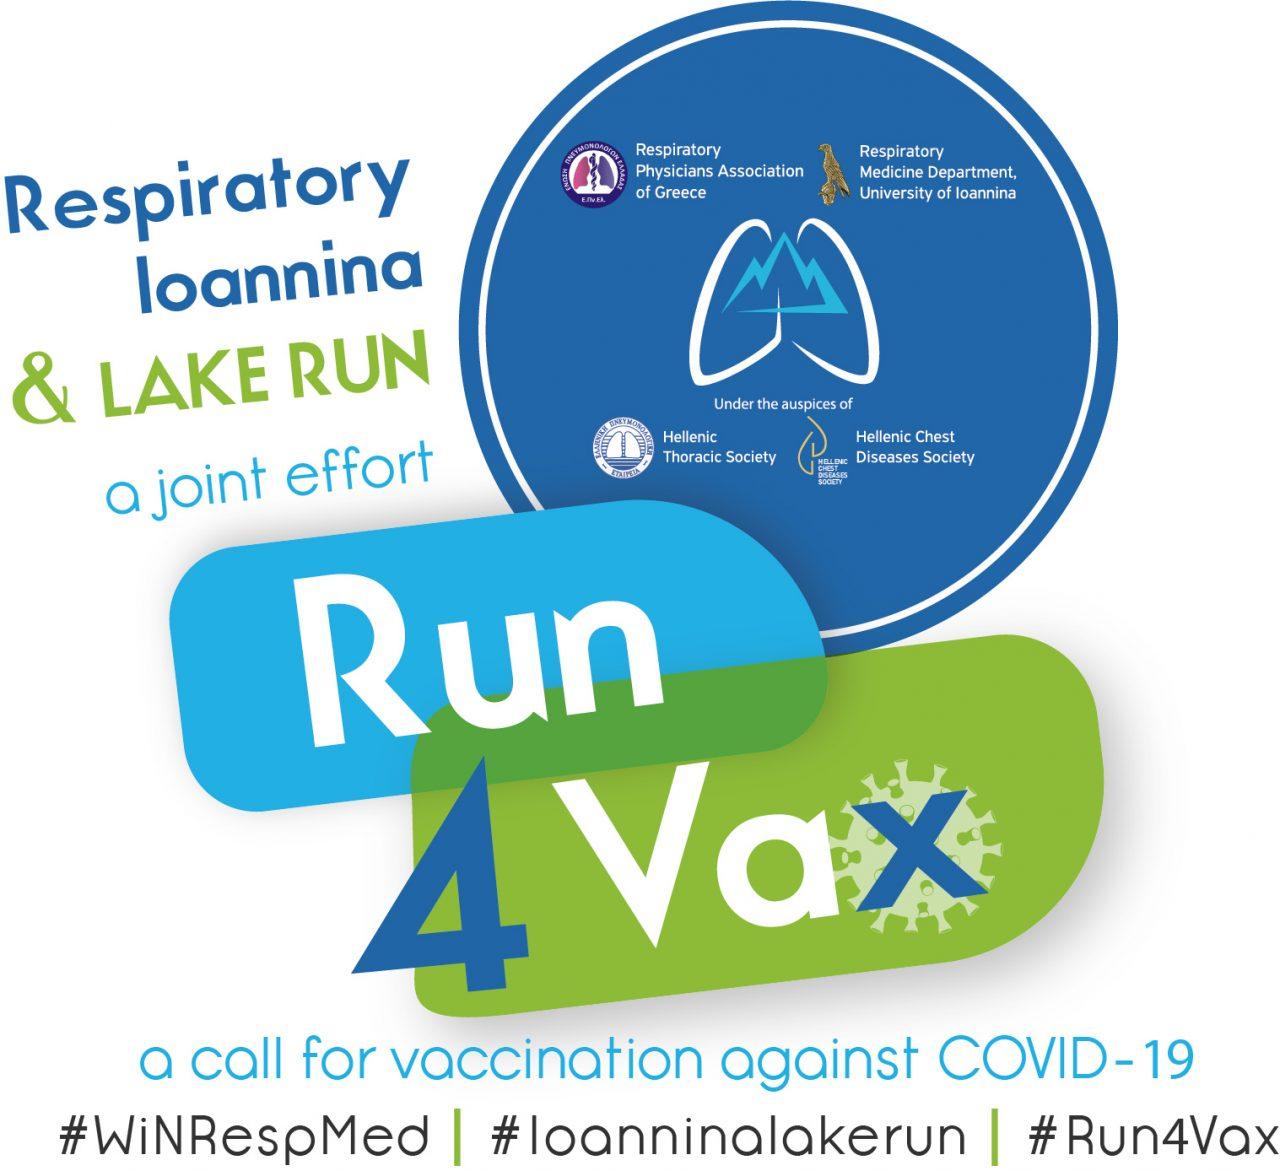 Η Ελληνική Πνευμονολογική Εταιρεία συμμετέχει στη δράση«Τρέχουμε για τον εμβολιασμό – Run4Vax»